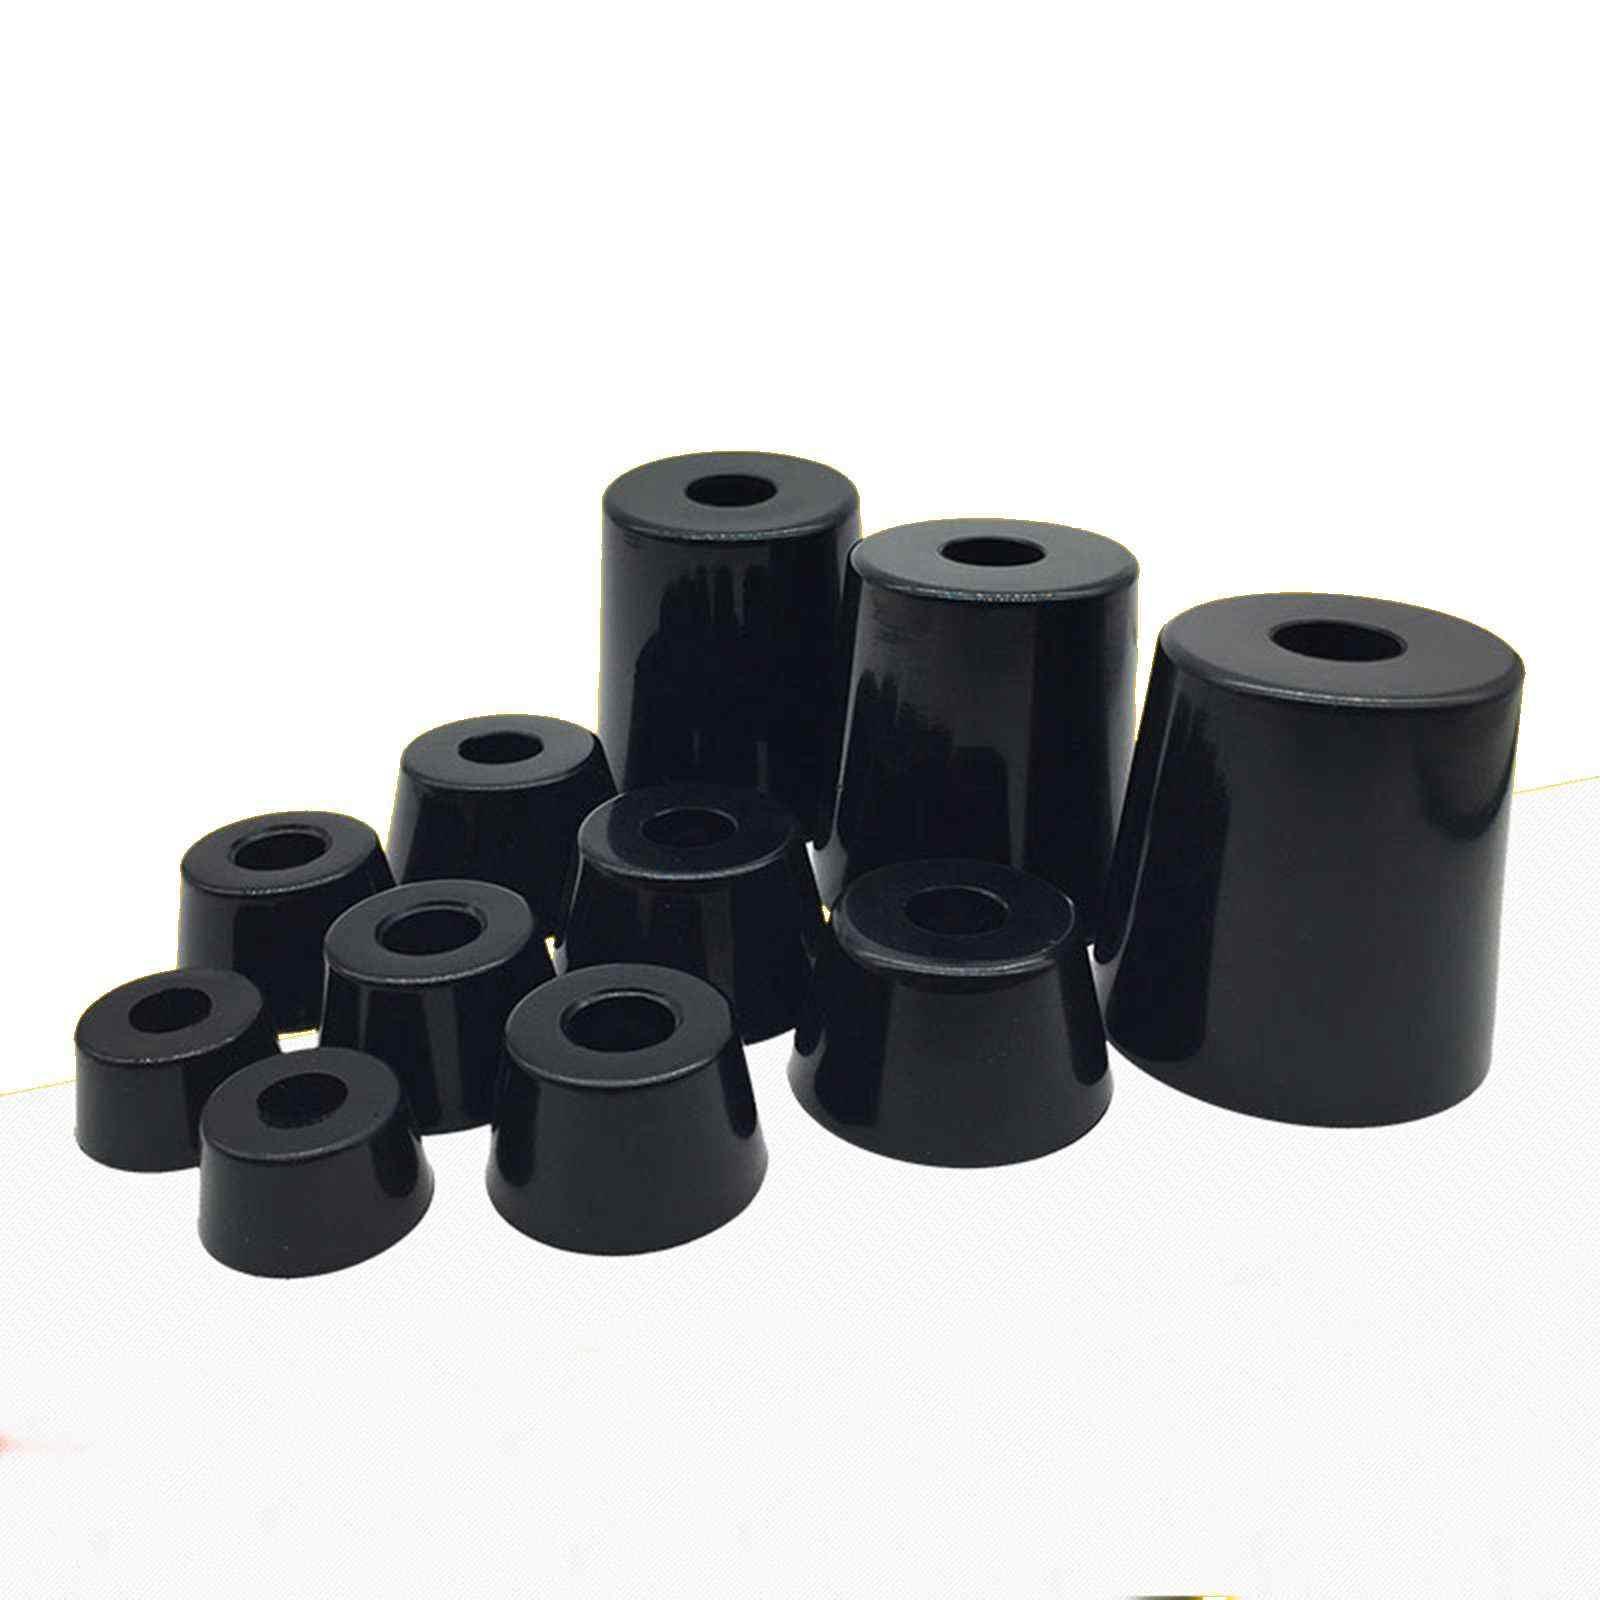 Anti slip möbel beine Füße Schwarz Lautsprecher Schrank bett Tisch Box Konische gummi shock pad boden protector Möbel Teile